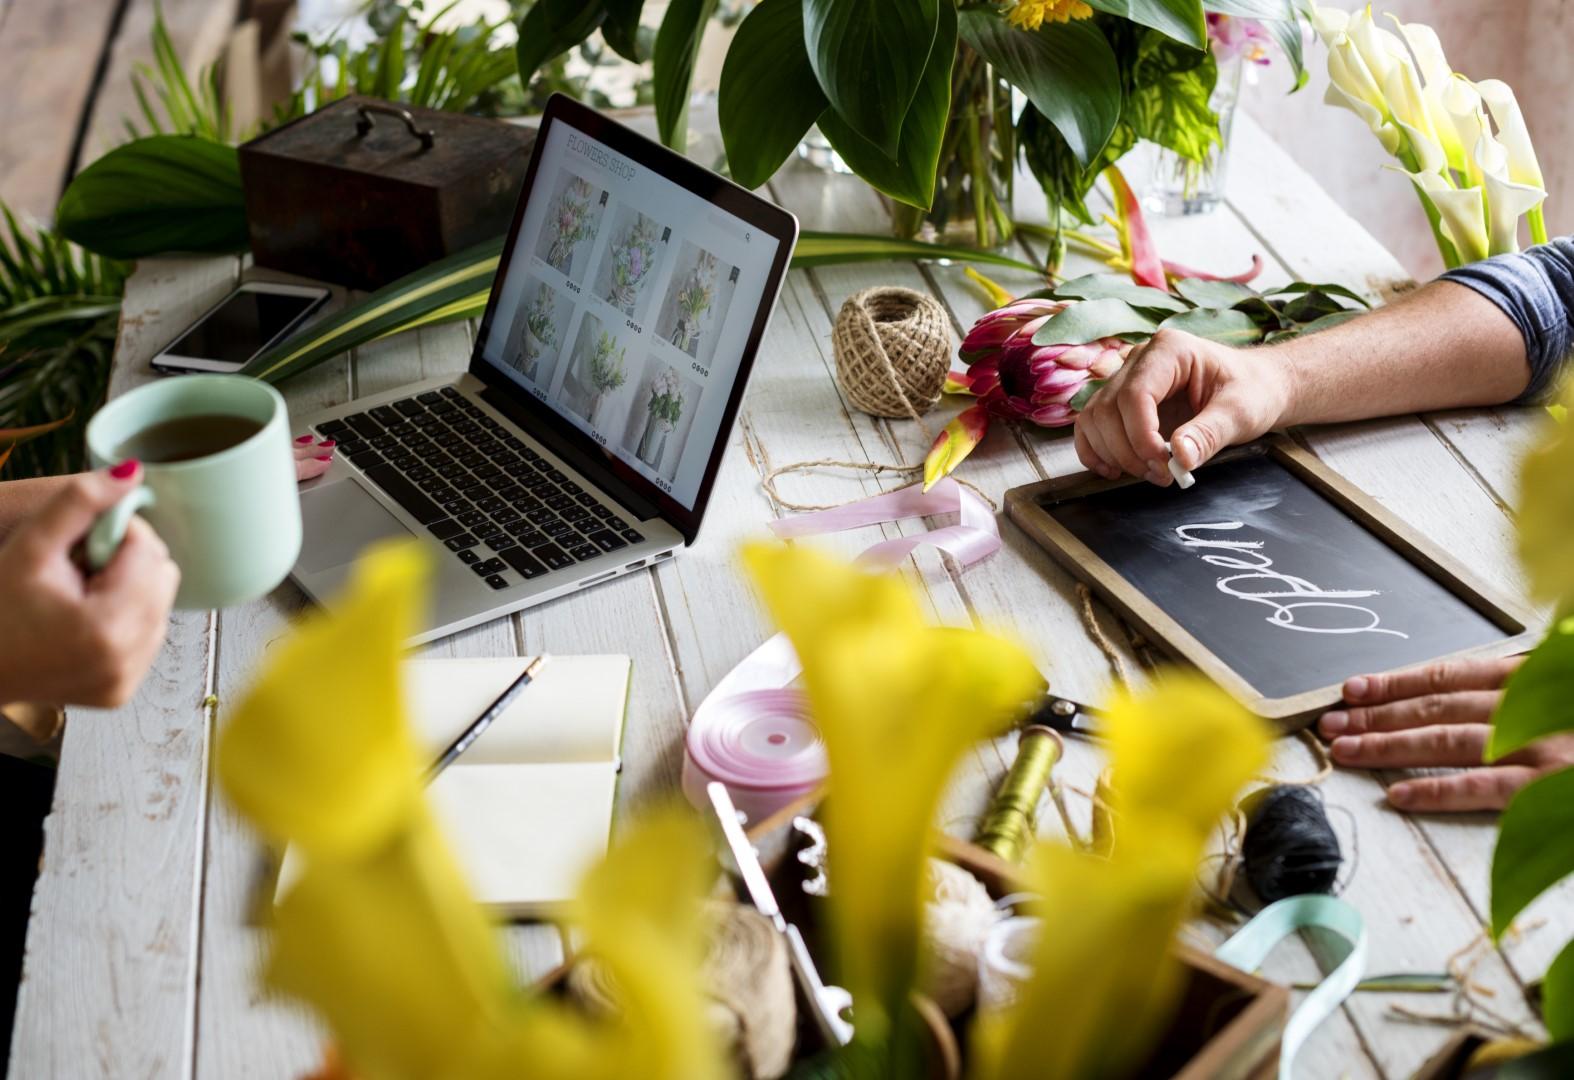 E-business adalah kegiatan bisnis yang dilakukan secara otomatis dengan memanfaatkan teknologi elektronik seperti komputer dan internet.